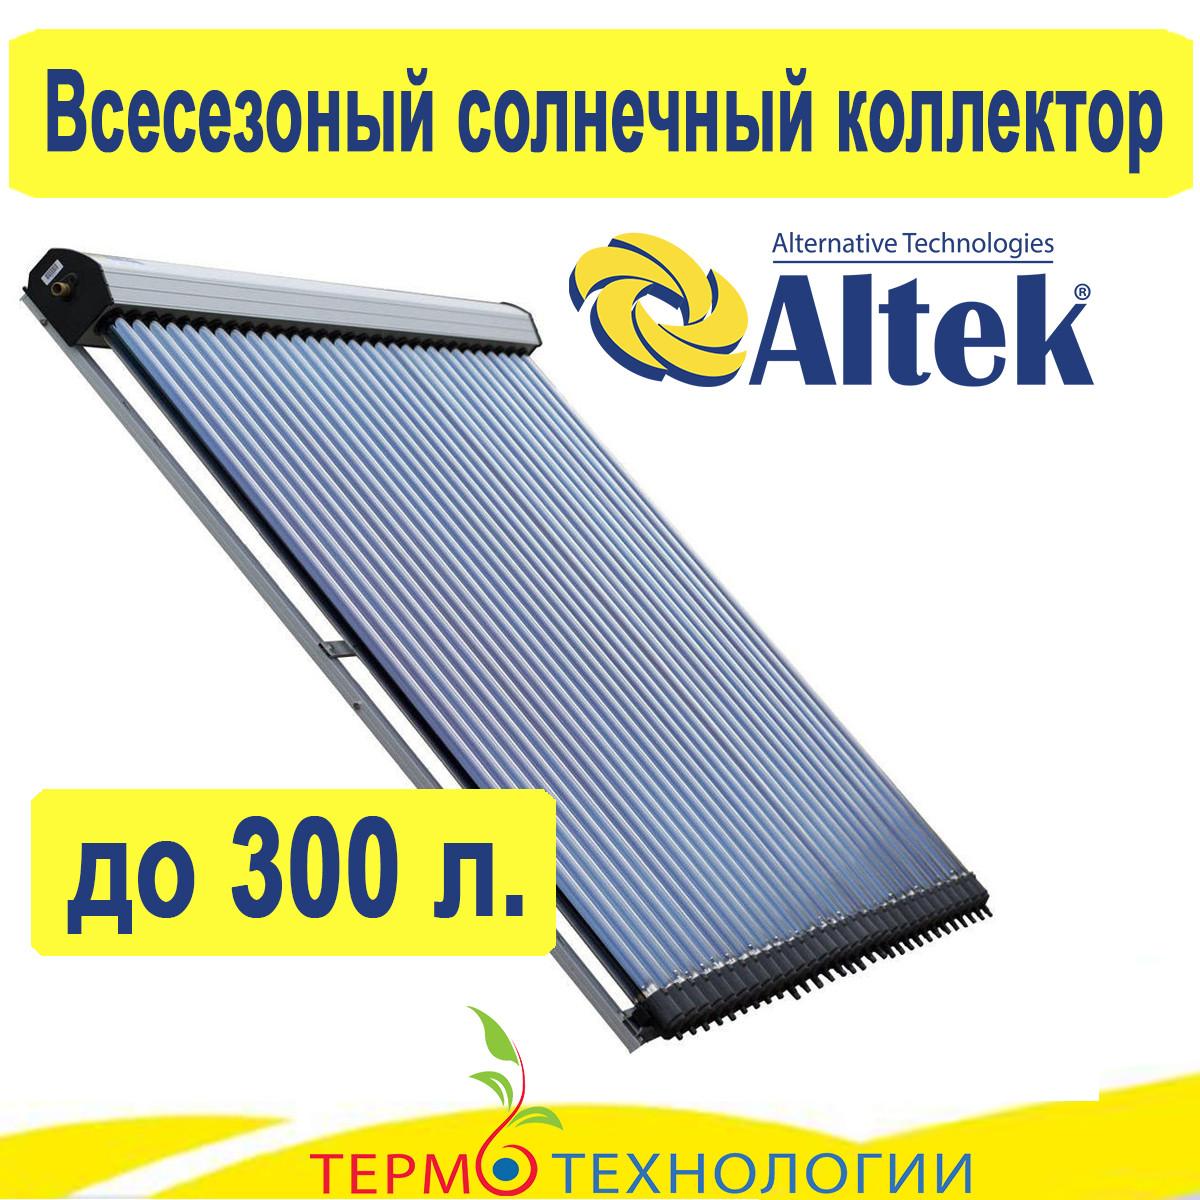 Всесезонный солнечный коллектор Altek вакуумный, без задних опор